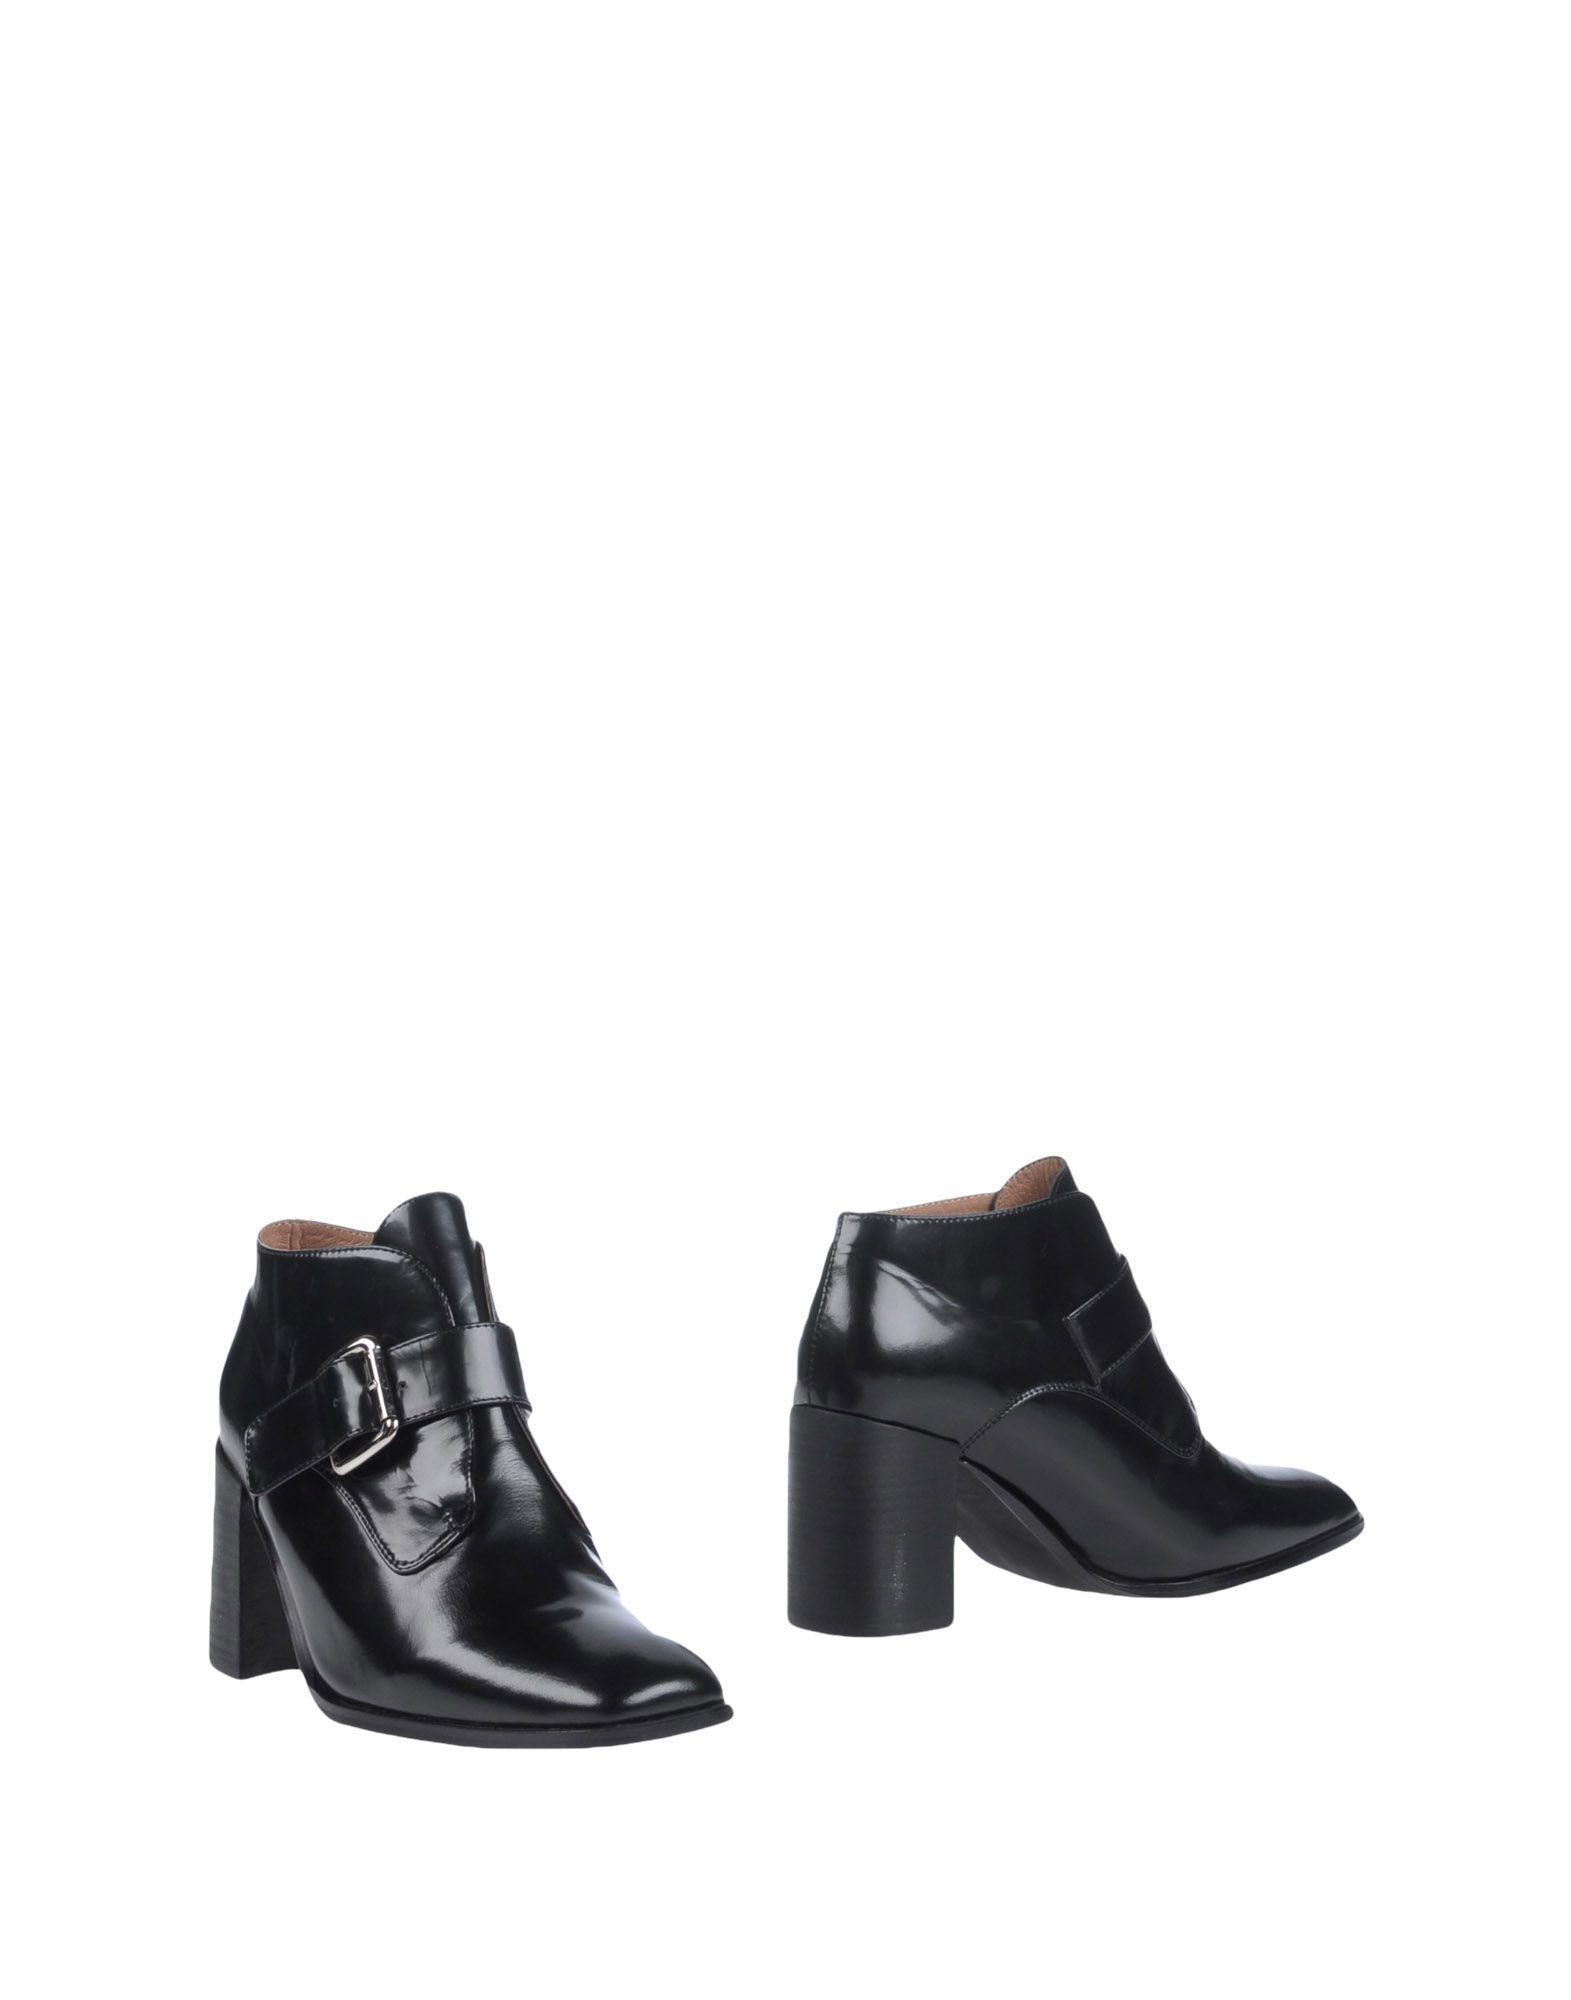 JEFFREY CAMPBELL Полусапоги и высокие ботинки цены онлайн